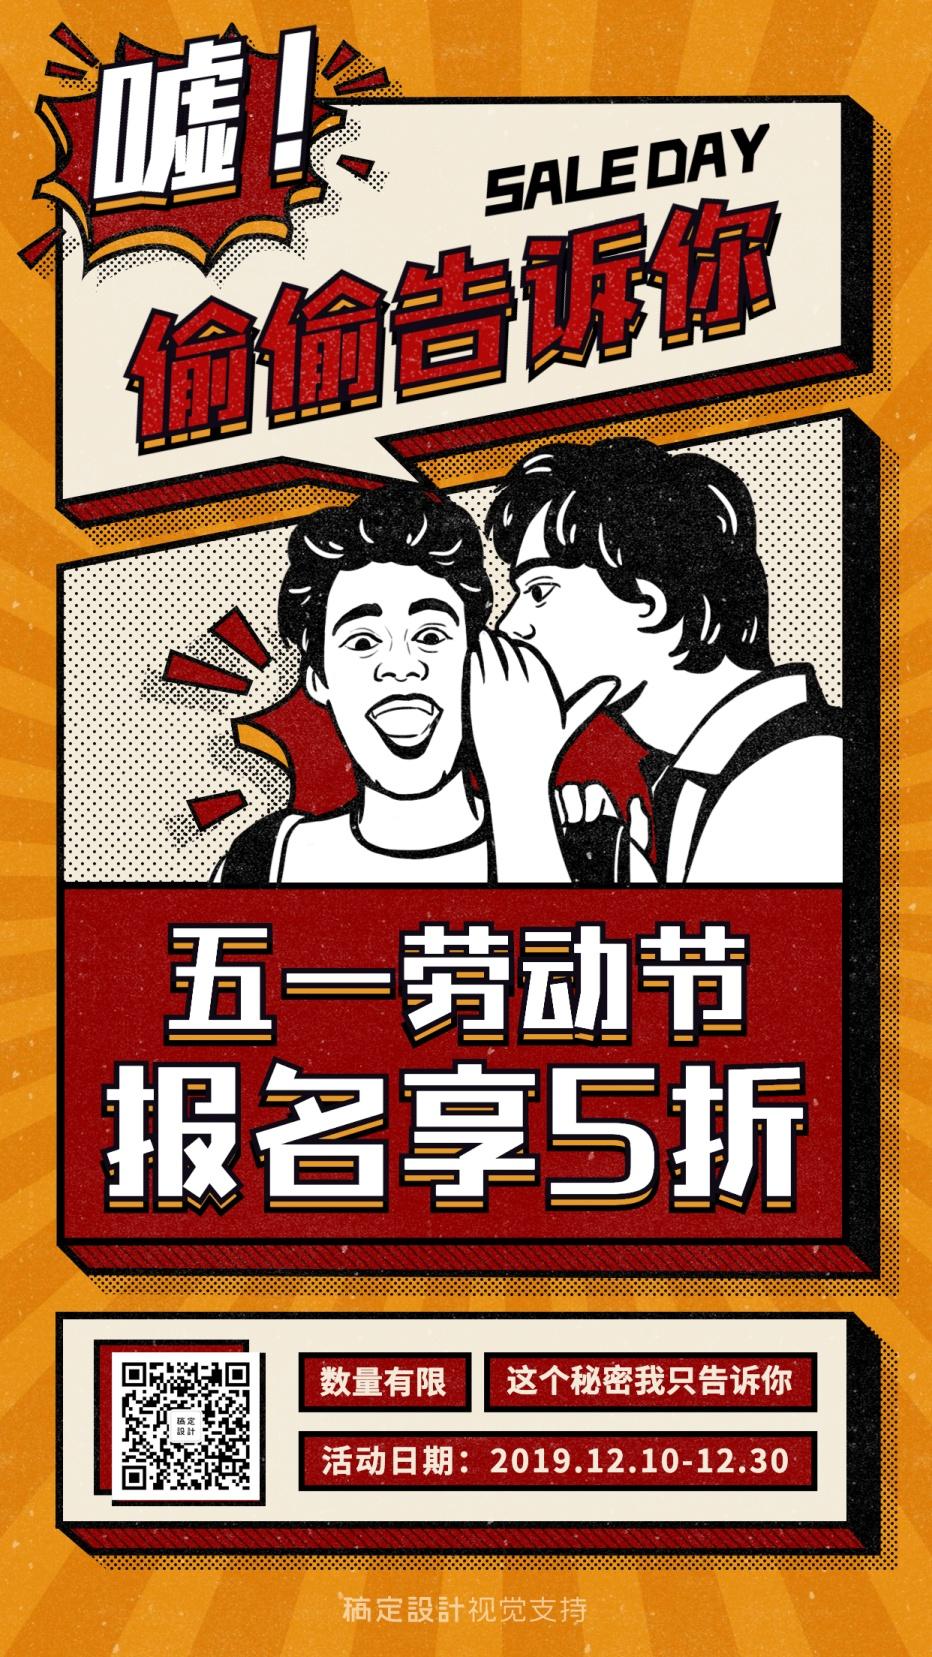 五一劳动节折扣手绘卡通手机海报